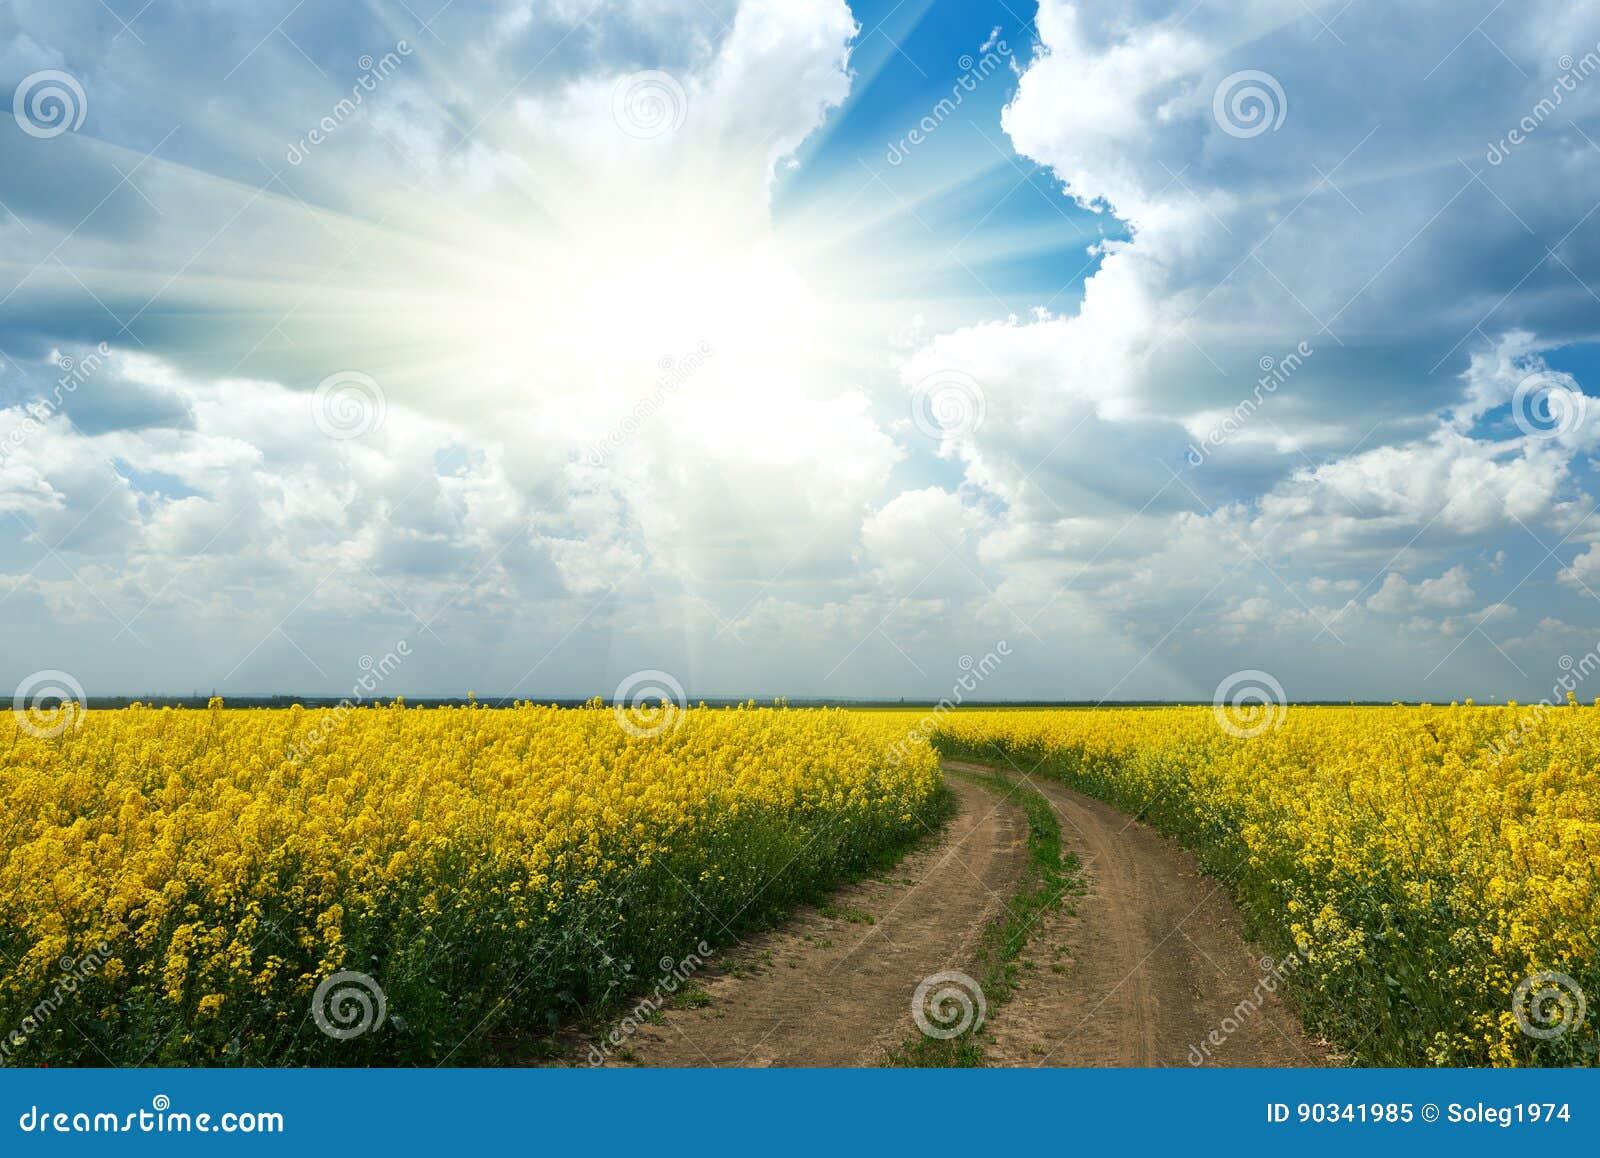 在黄色花田与太阳,美好的春天风景,明亮的晴天,油菜籽的地面路